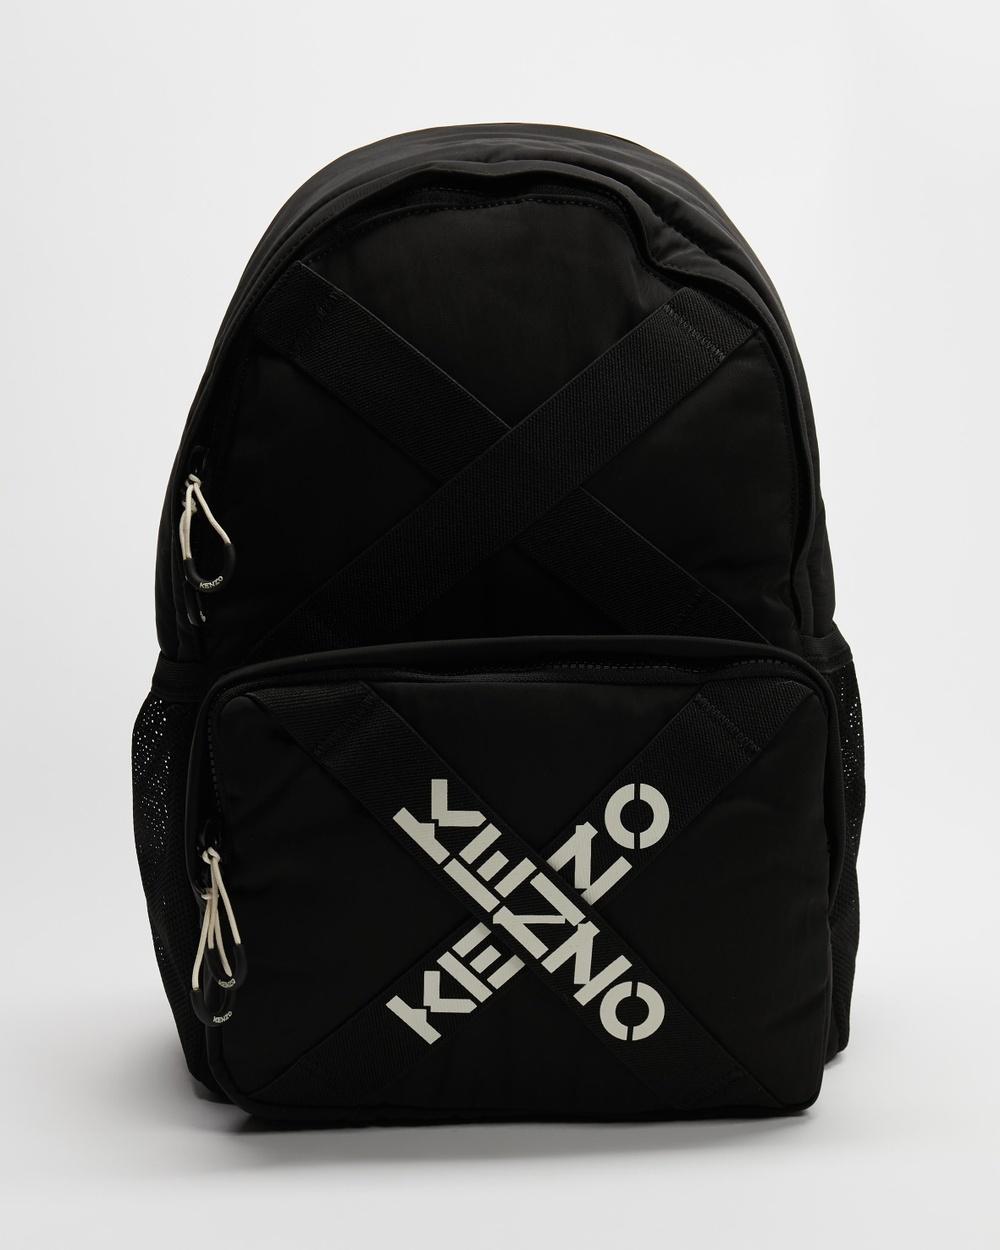 Kenzo Backpack Backpacks Black